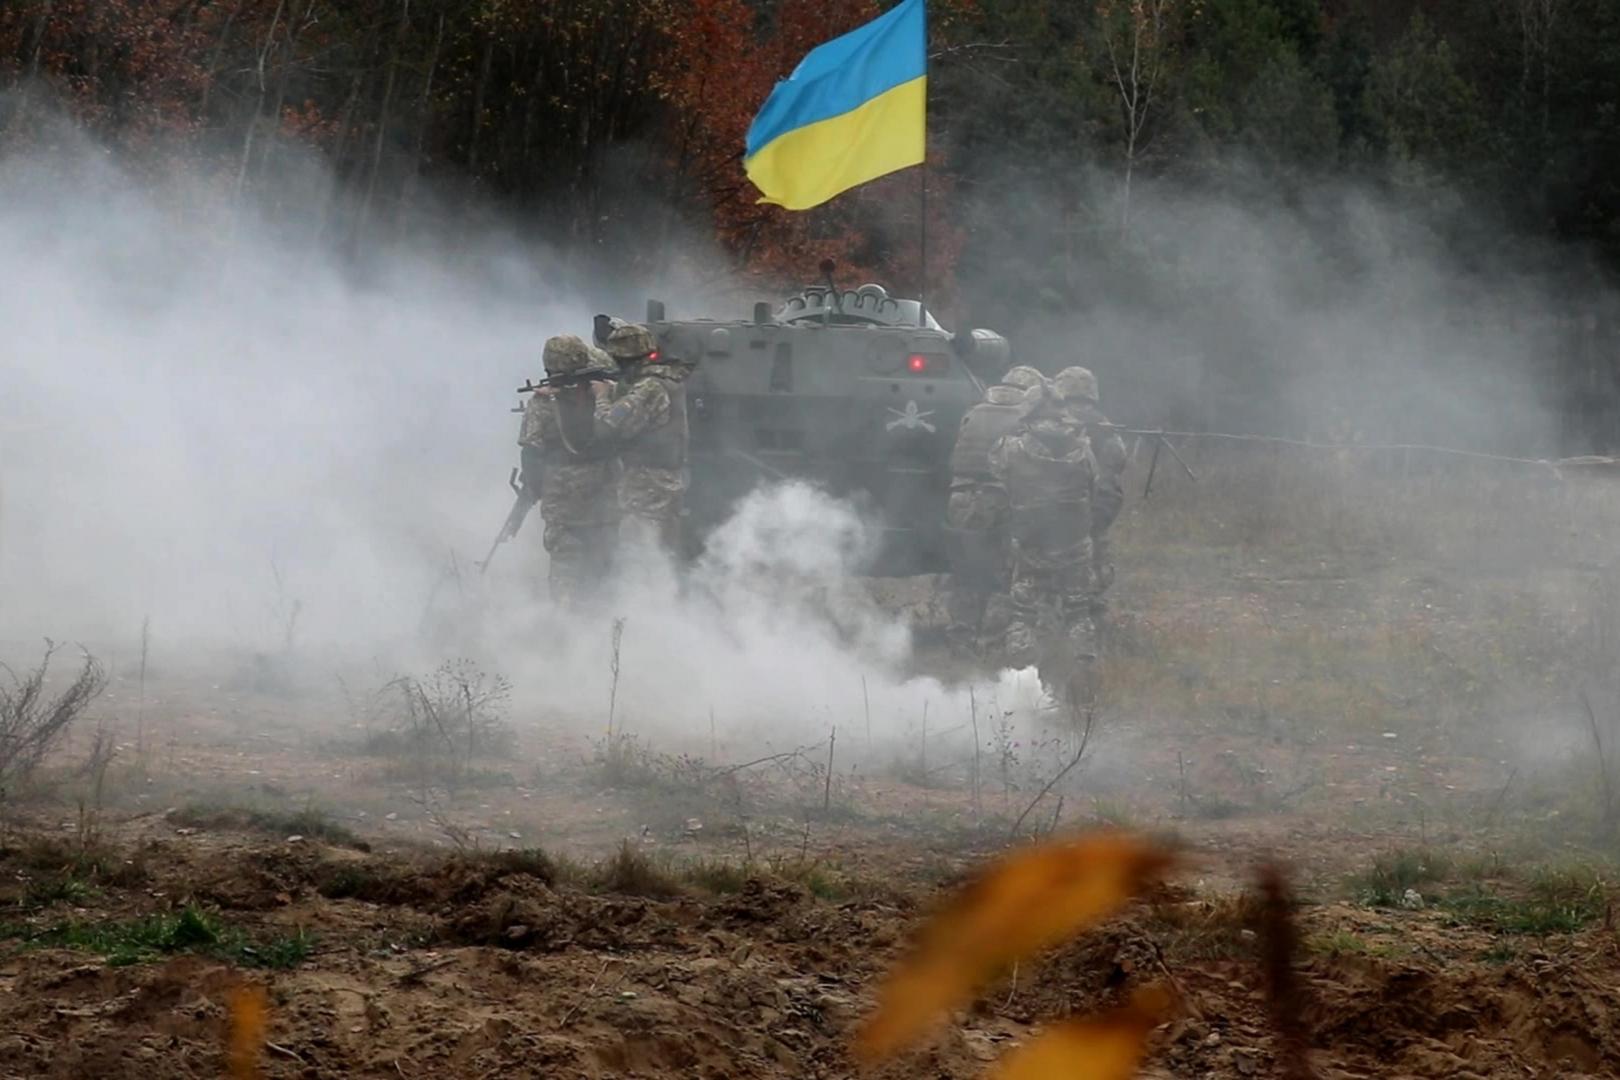 Засутки 3 украинских военнослужащих погибли, 9 ранены итравмированы— пресс-служба  ООС